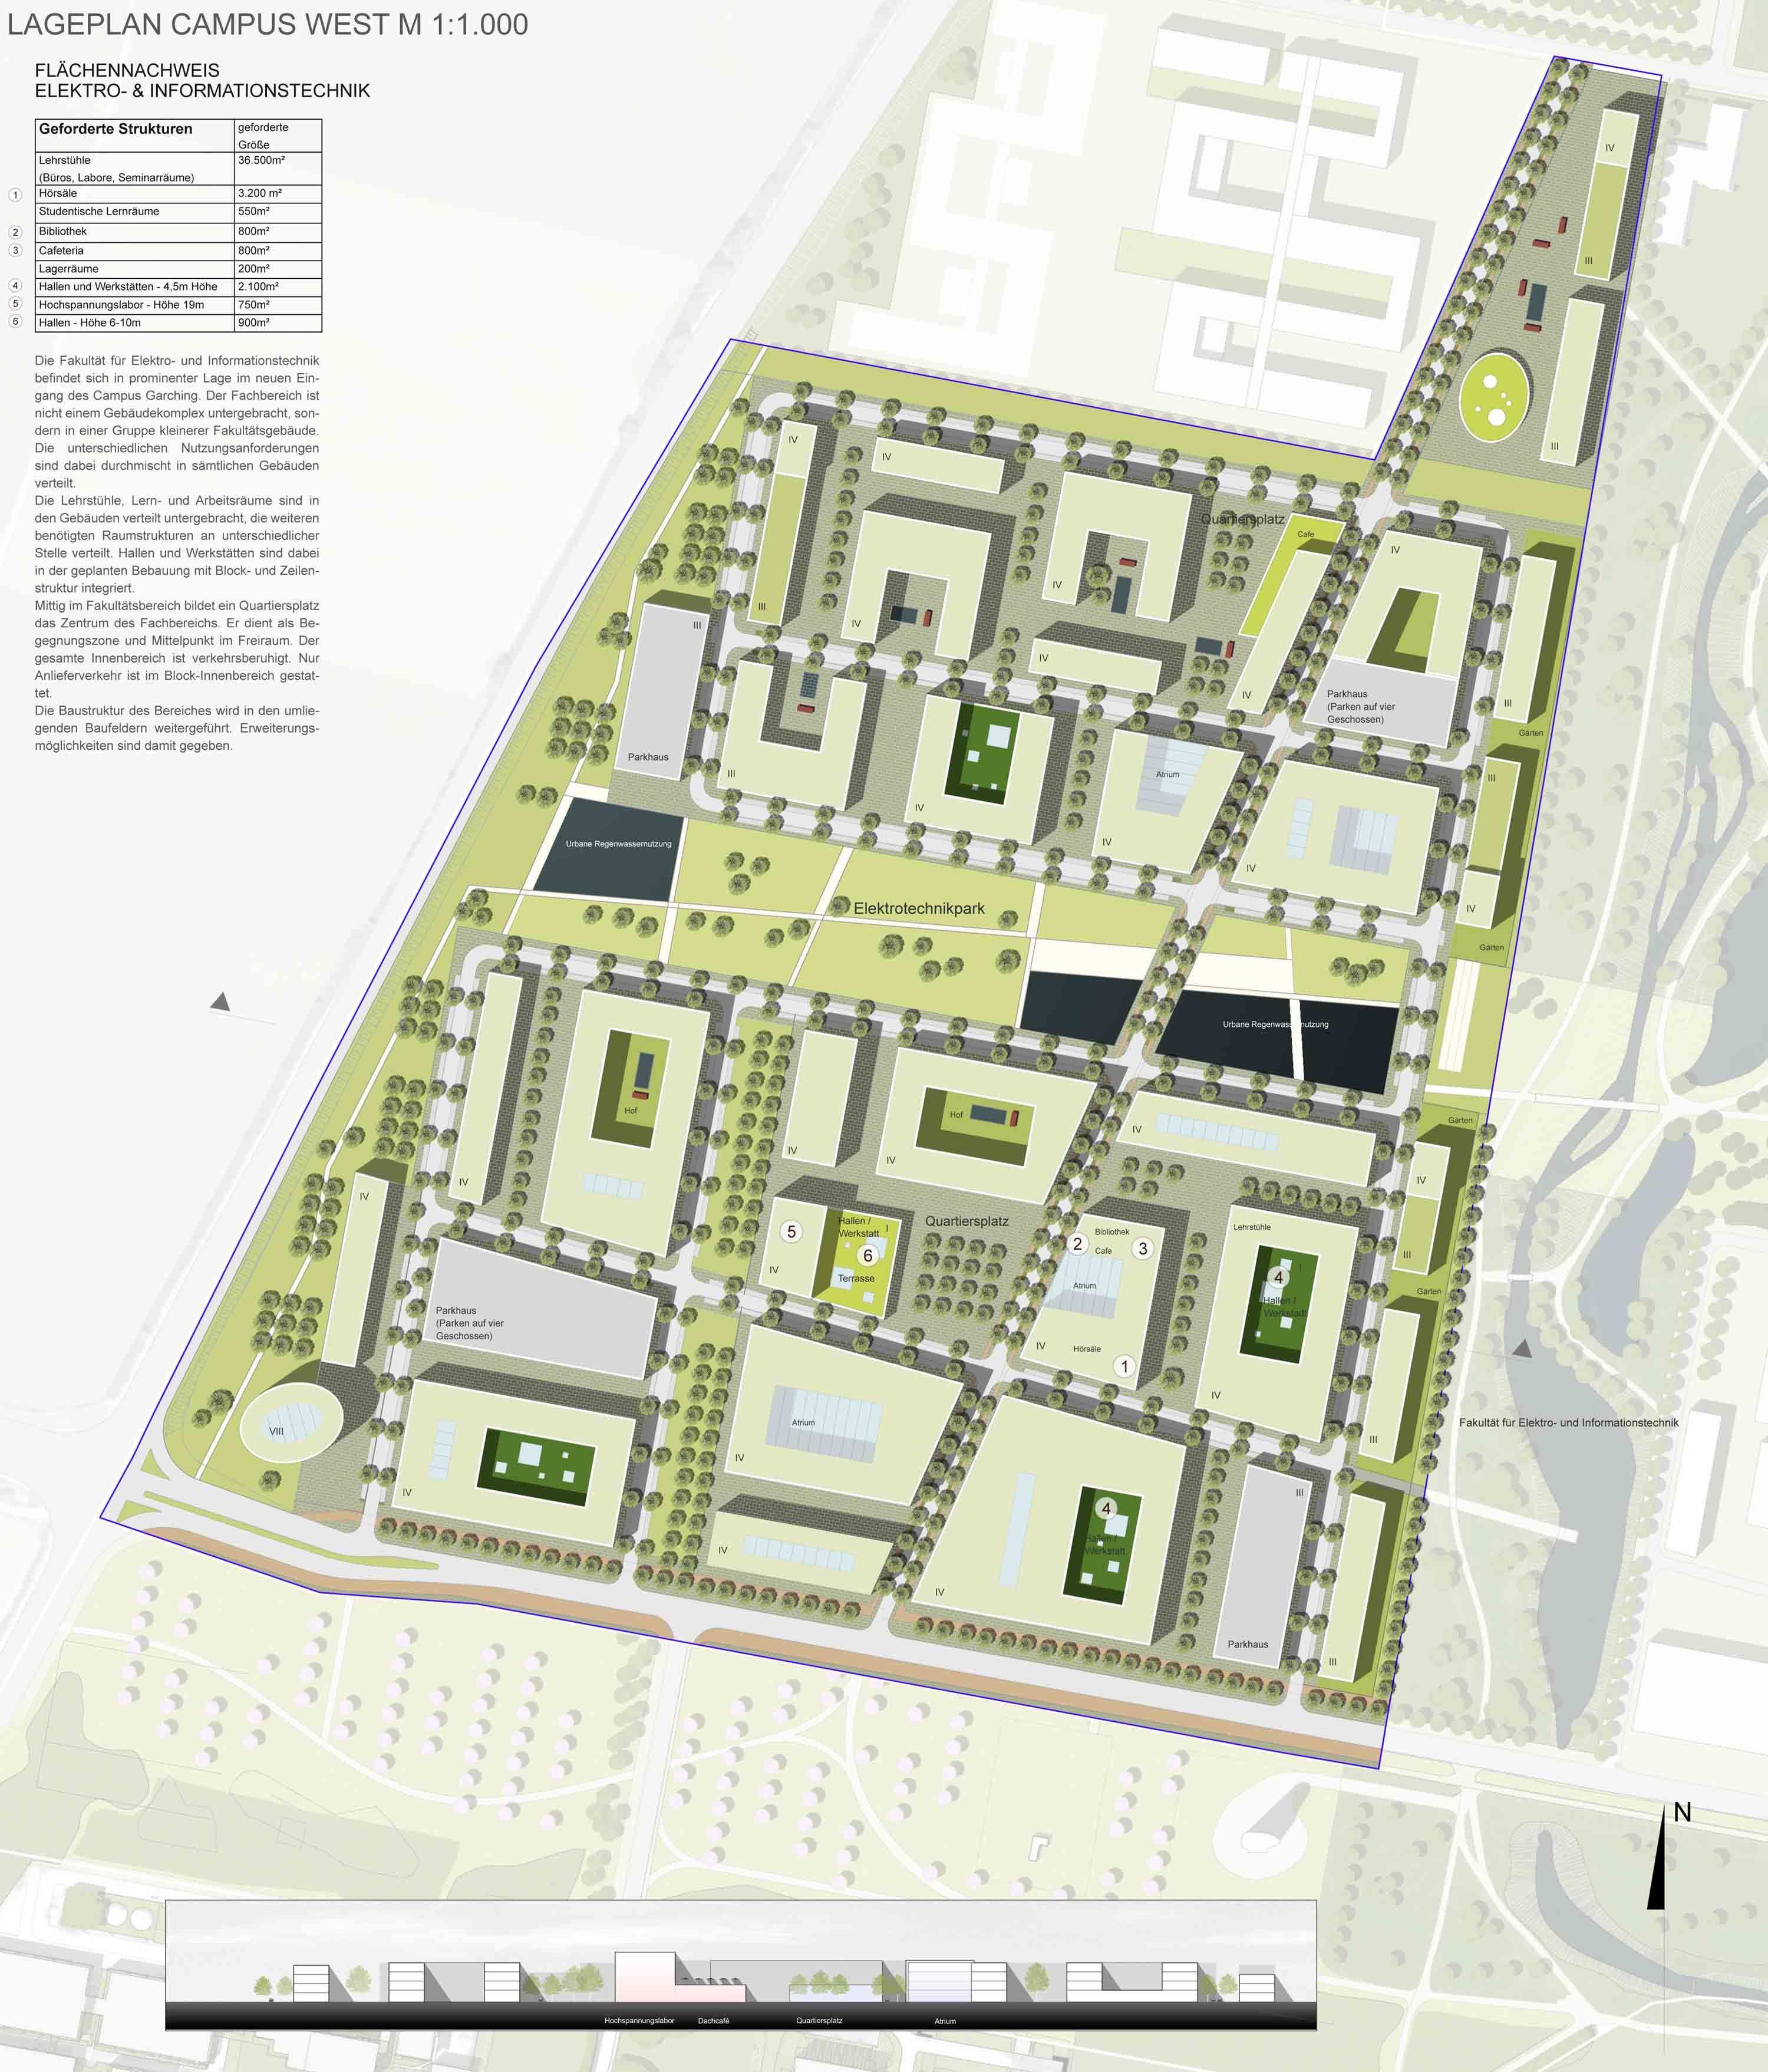 Prize lageplan campus west pinterest - Architektur plan ...